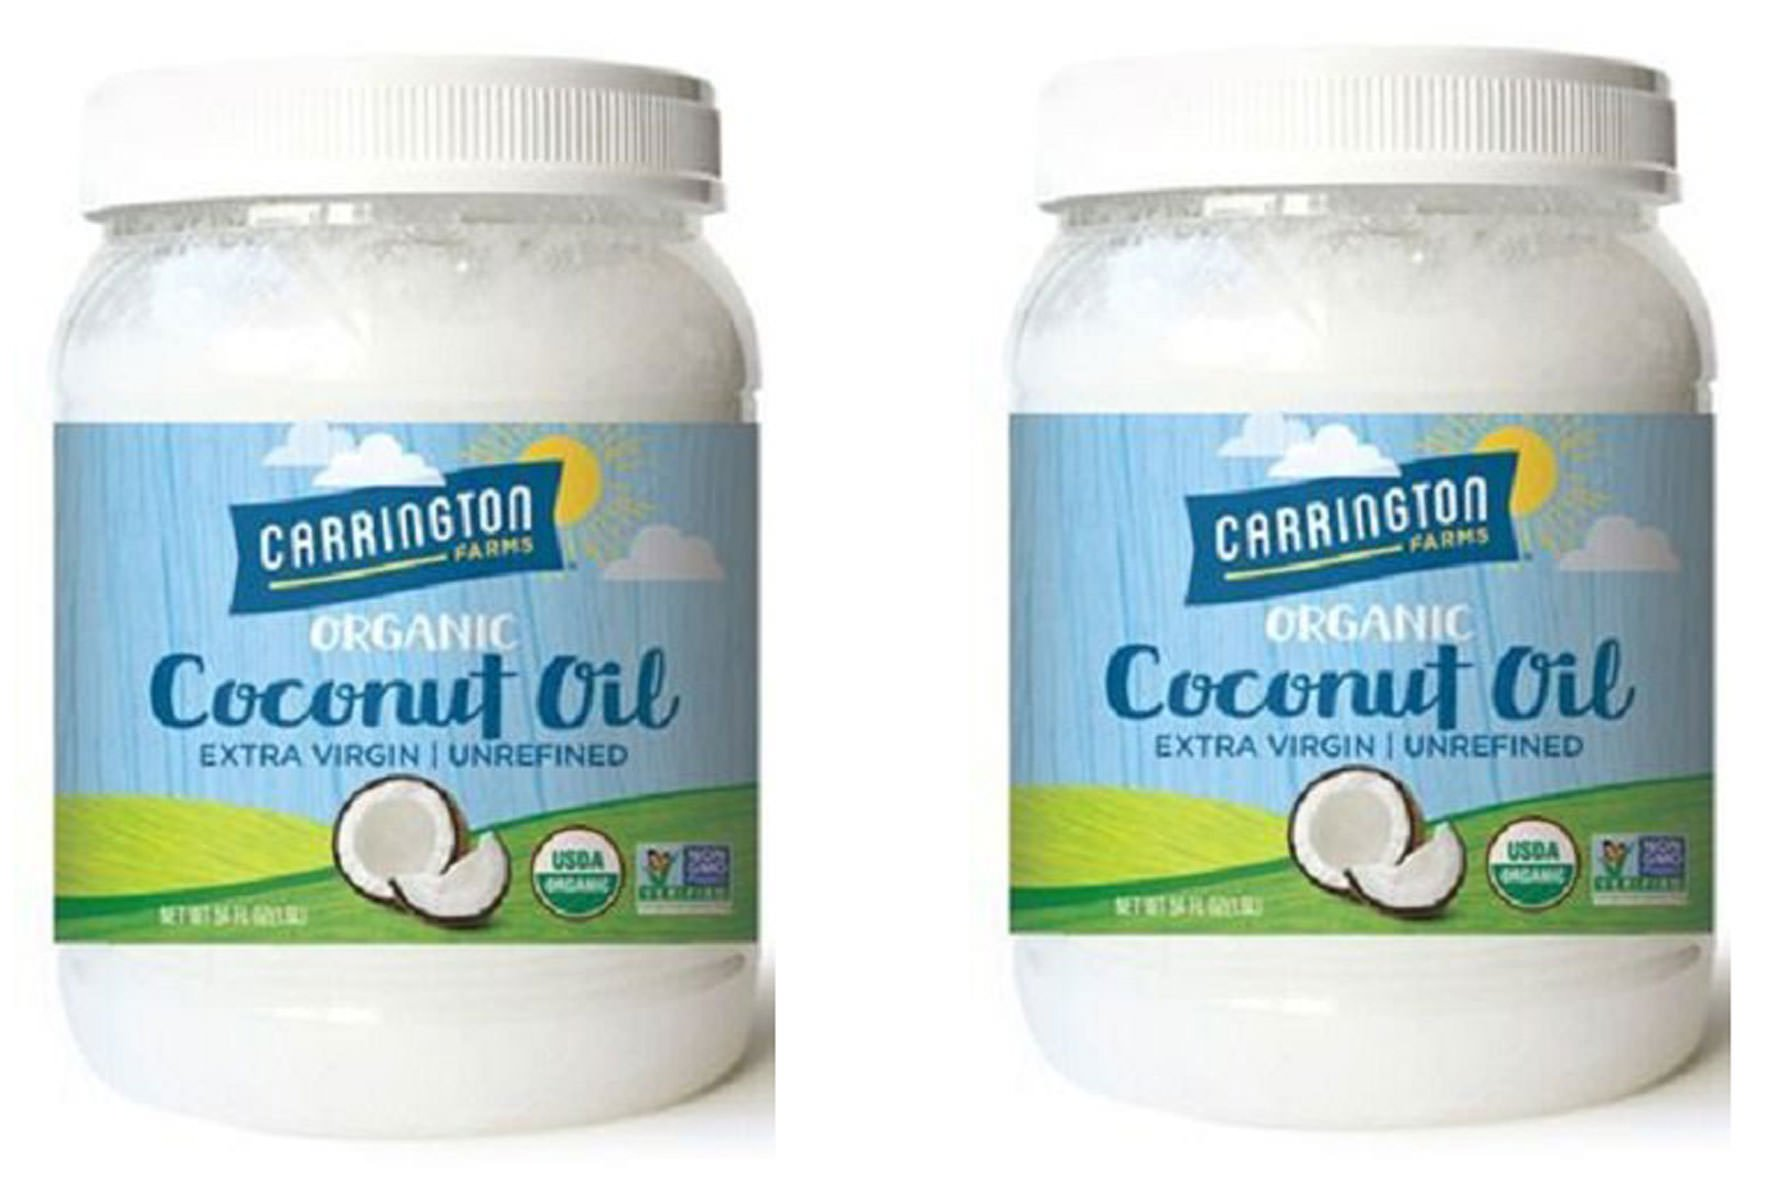 Carrington Farms Organic Extra Virgin Coconut Oil, 54 Ounce, 2 Pack by Carrington Farms (Image #1)